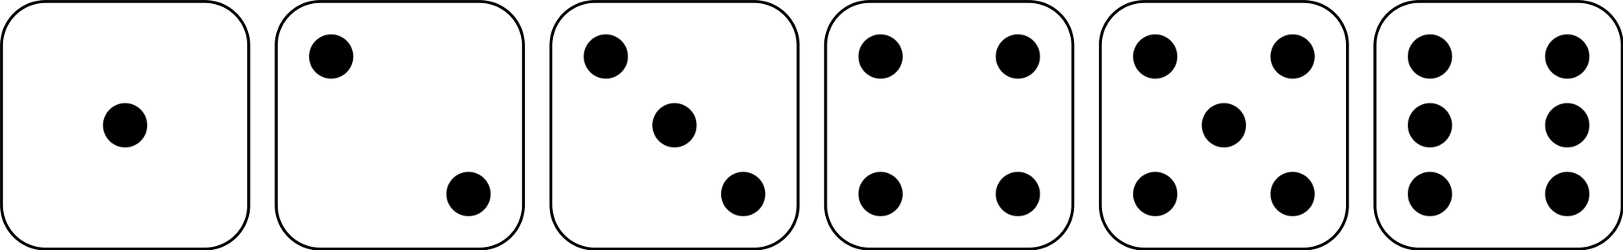 Feedback zum automatischen System in binären Optionen